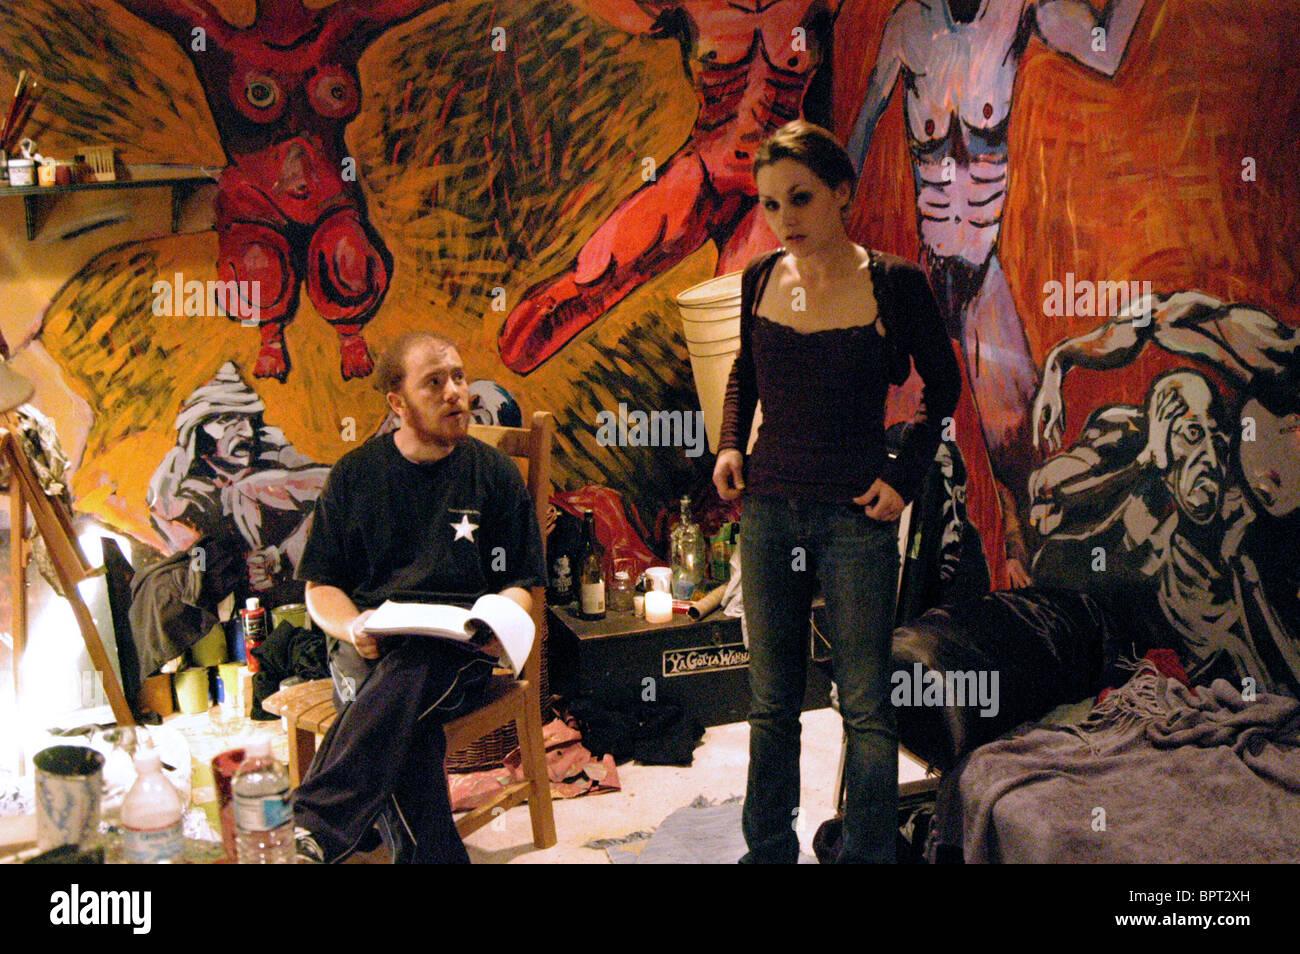 JOEL MILLER & RACHEL MINER LA NATURE MORTE (2007); Photo Stock